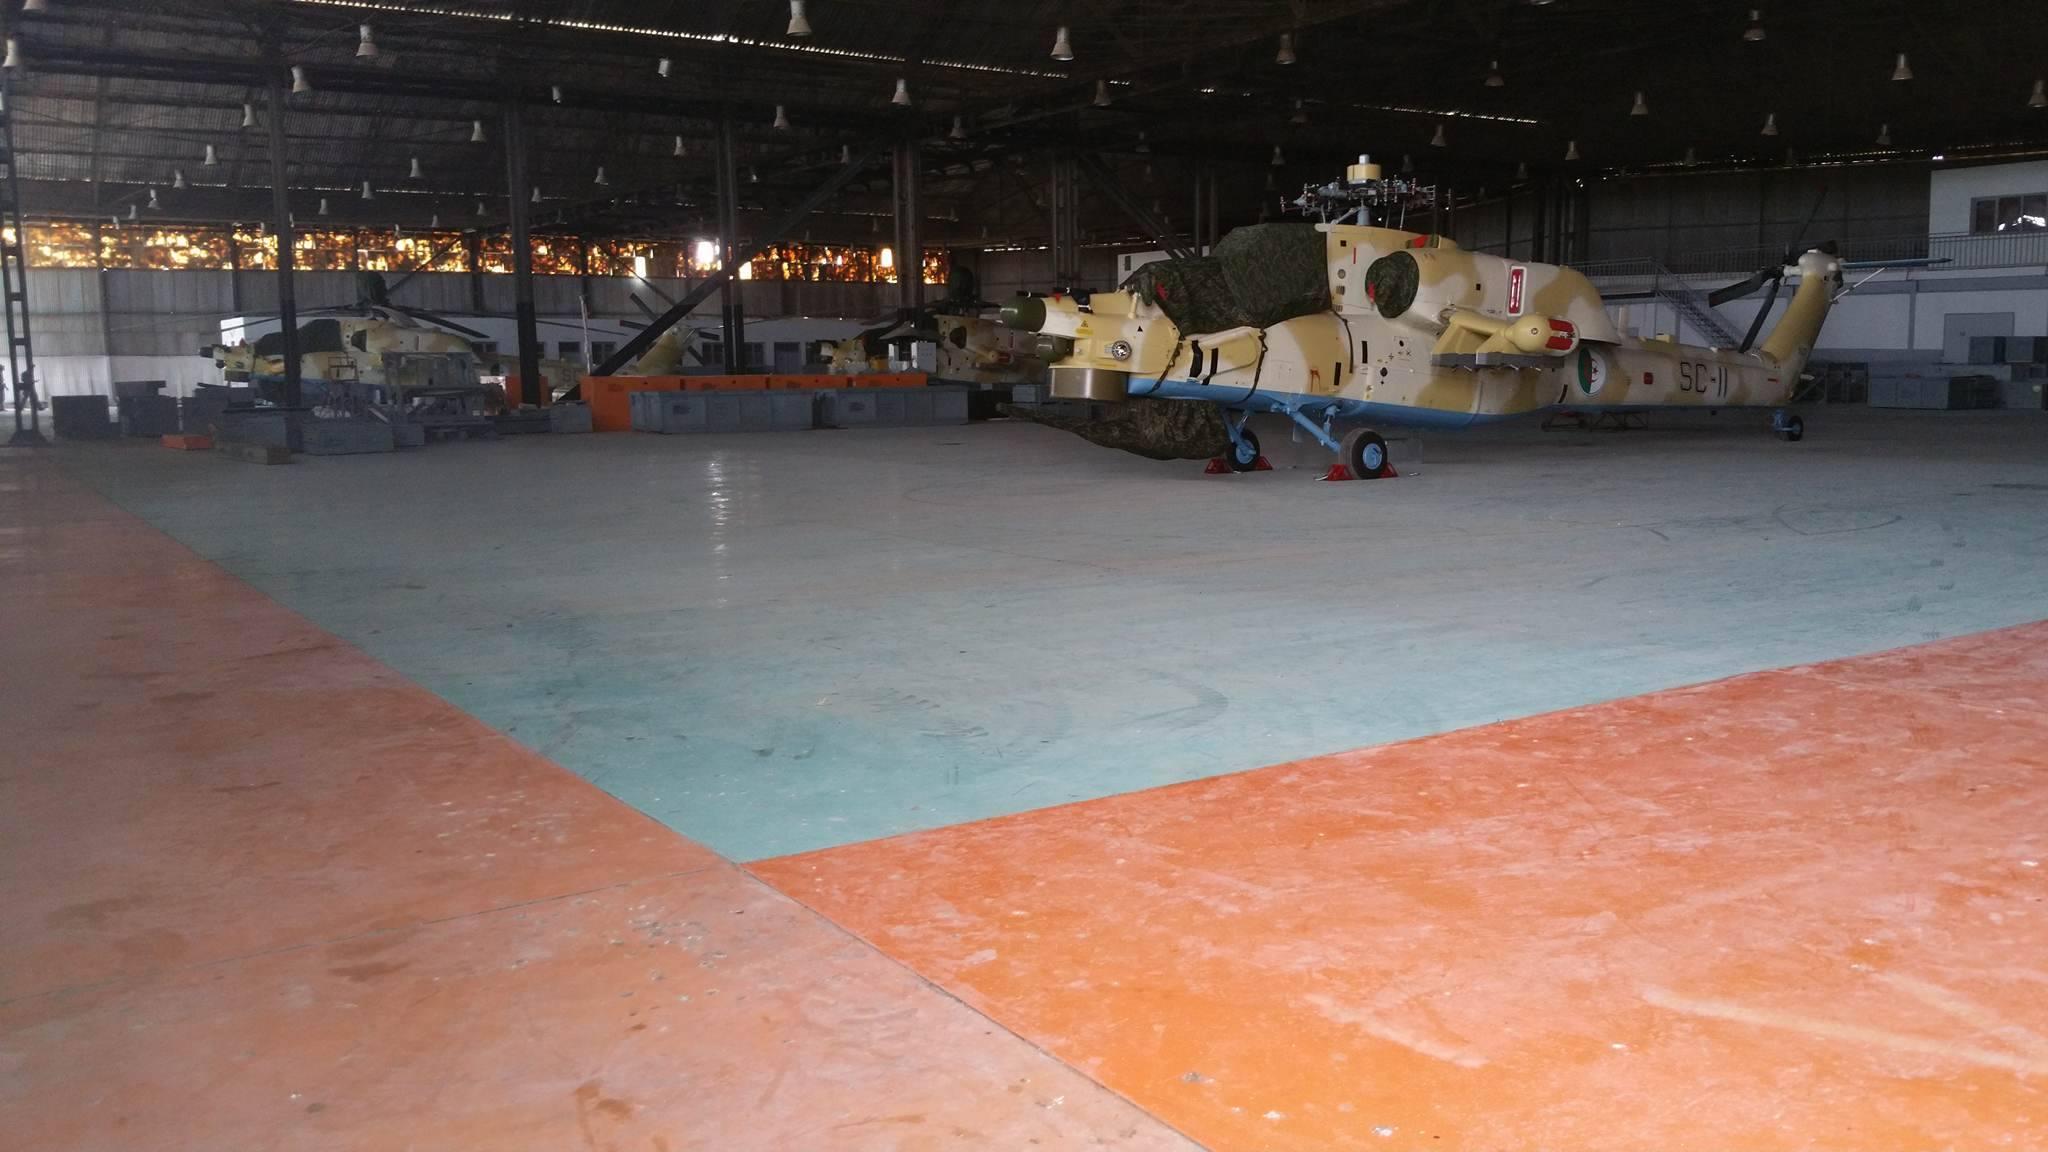 الجزائر تستلم دفعات 42 مروحيات الصياد الليلي [ Mi-28NE/UB ]  26848751264_6b02f7abf7_o